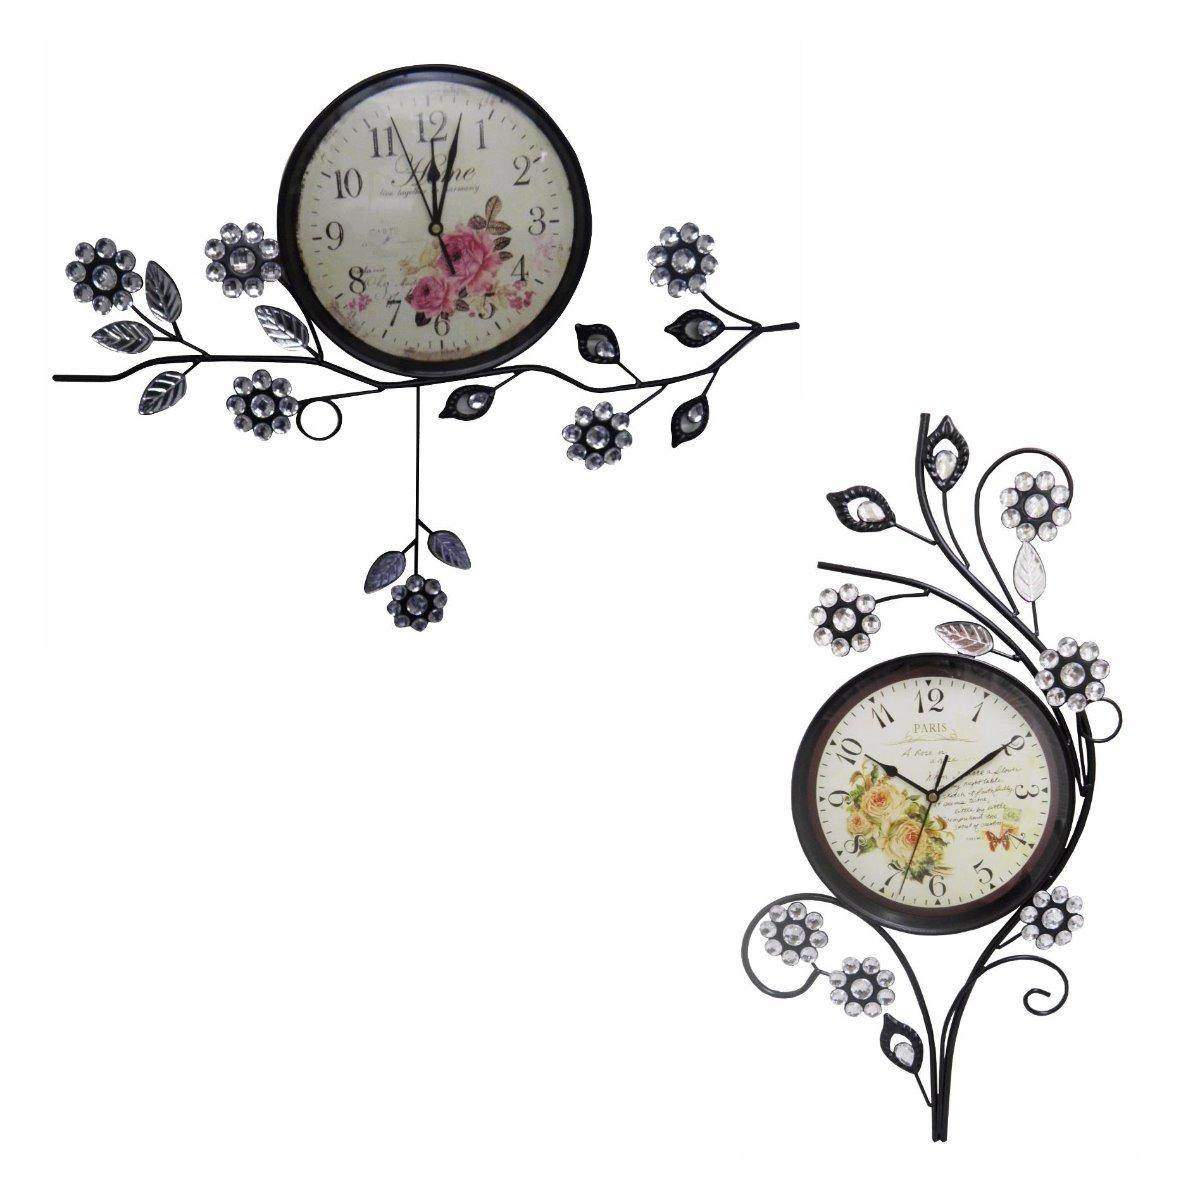 da5ba4be50c kit 2 relogio de parede pendulo vintage paris flores decorar. Carregando  zoom.